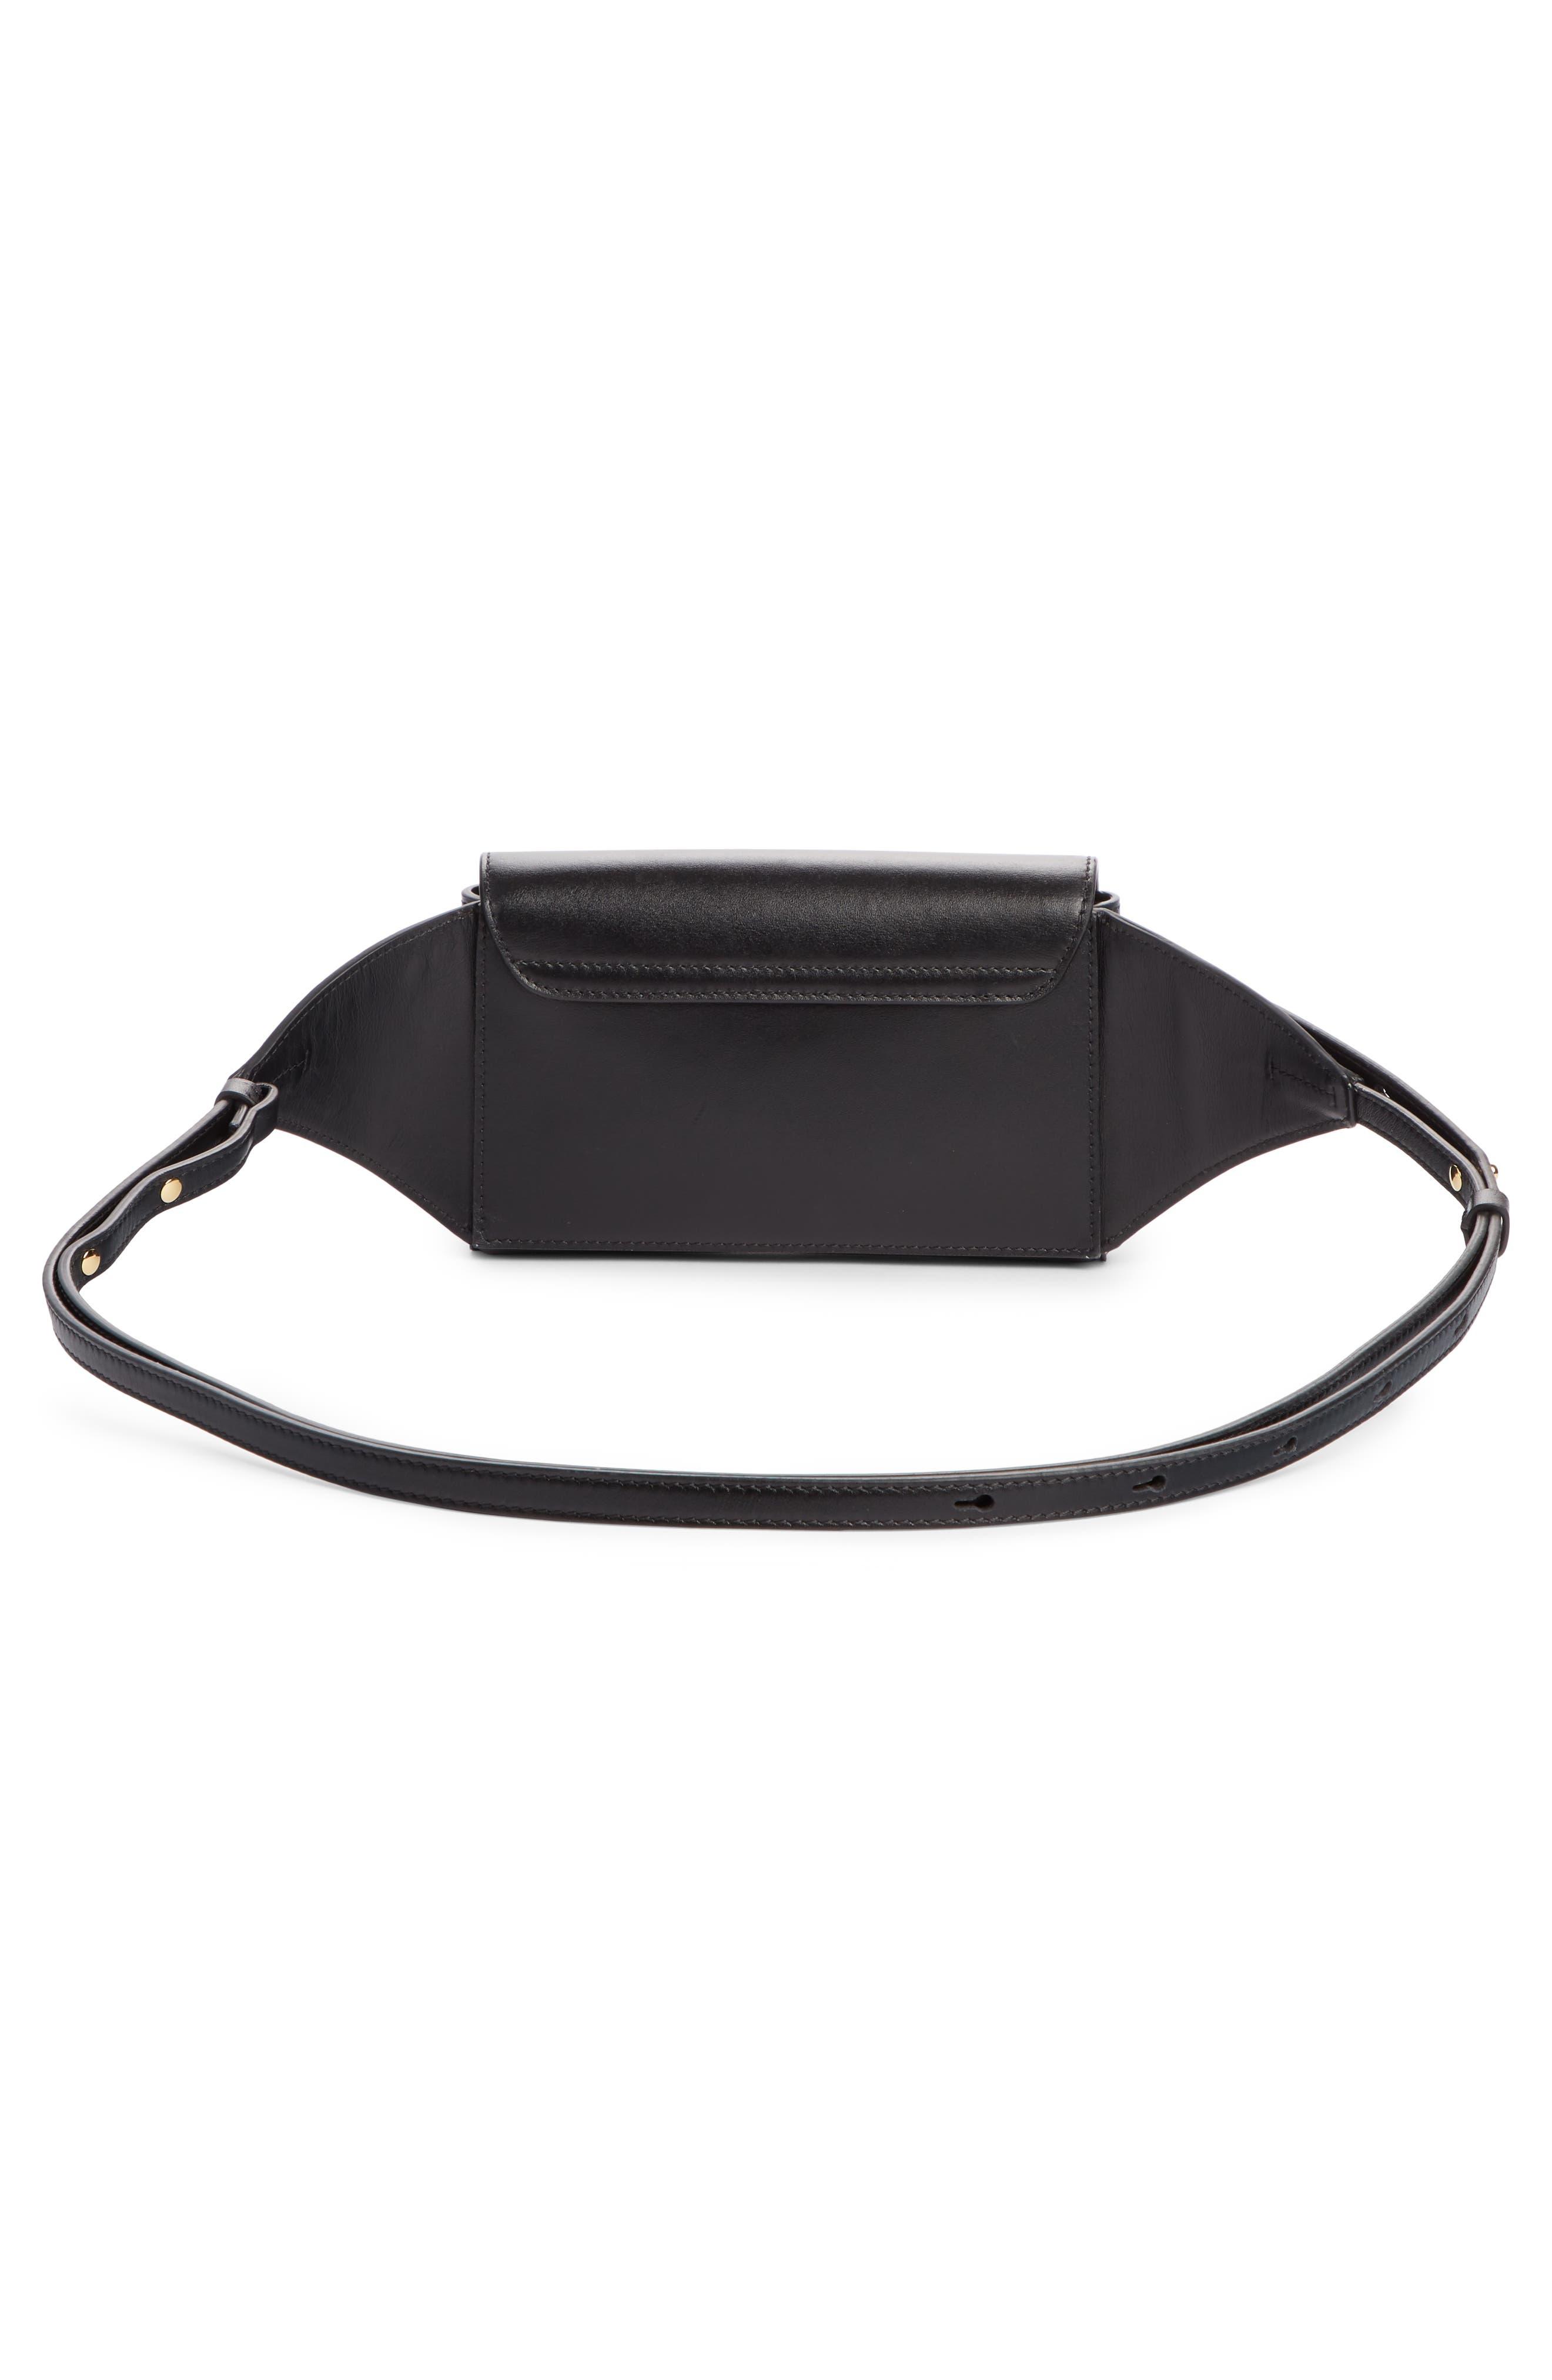 CHLOÉ,                             C Leather Convertible Belt Bag,                             Alternate thumbnail 3, color,                             BLACK